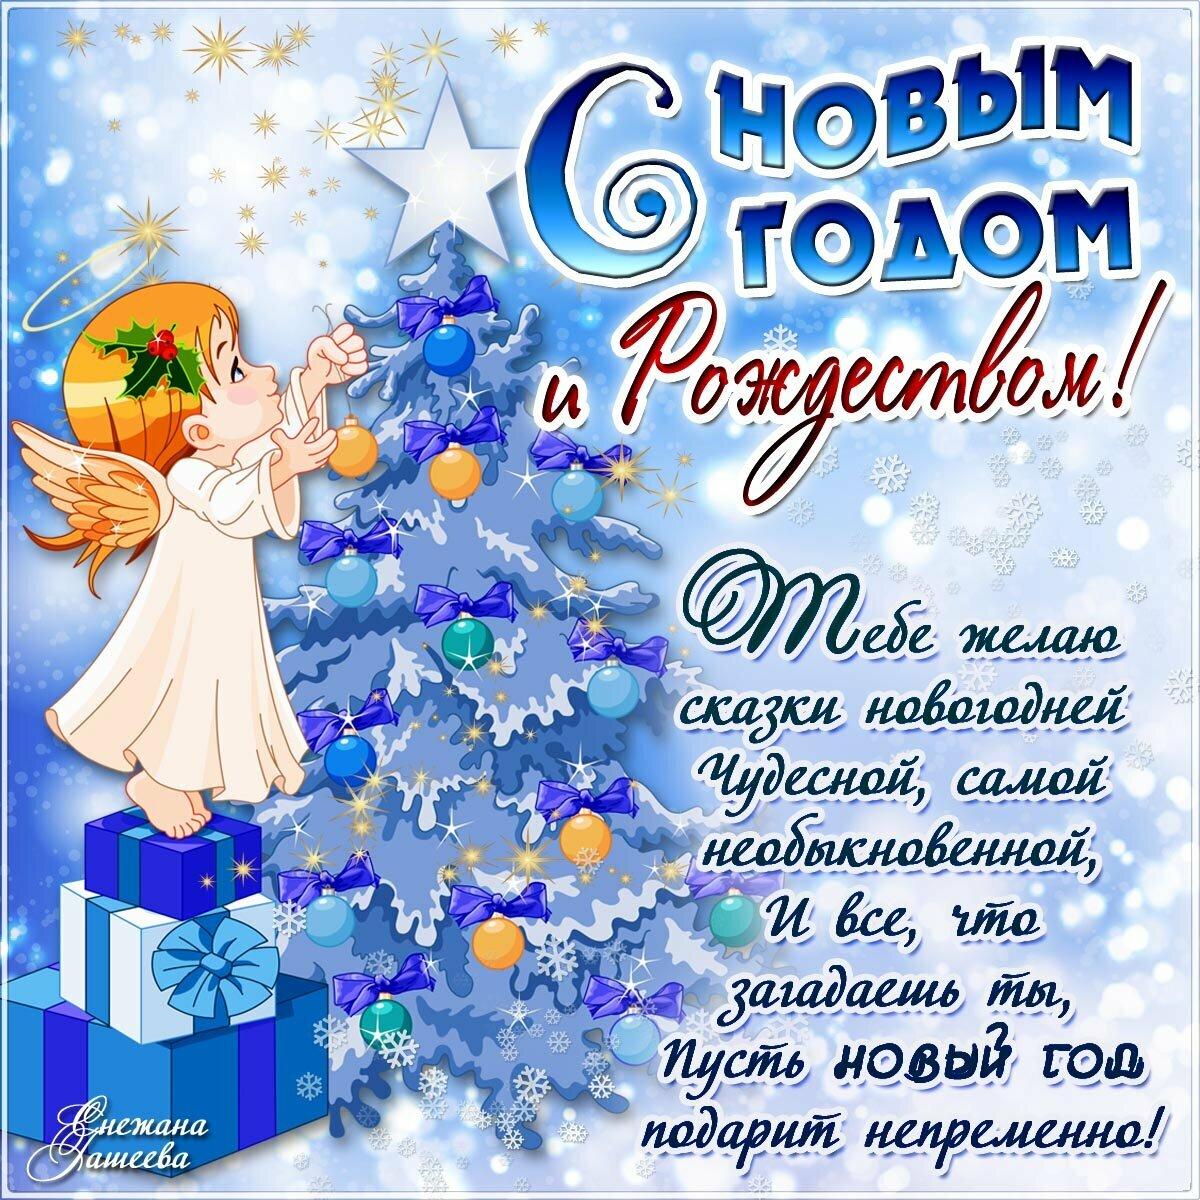 Картинки открытки с новым годом и рождеством 2019